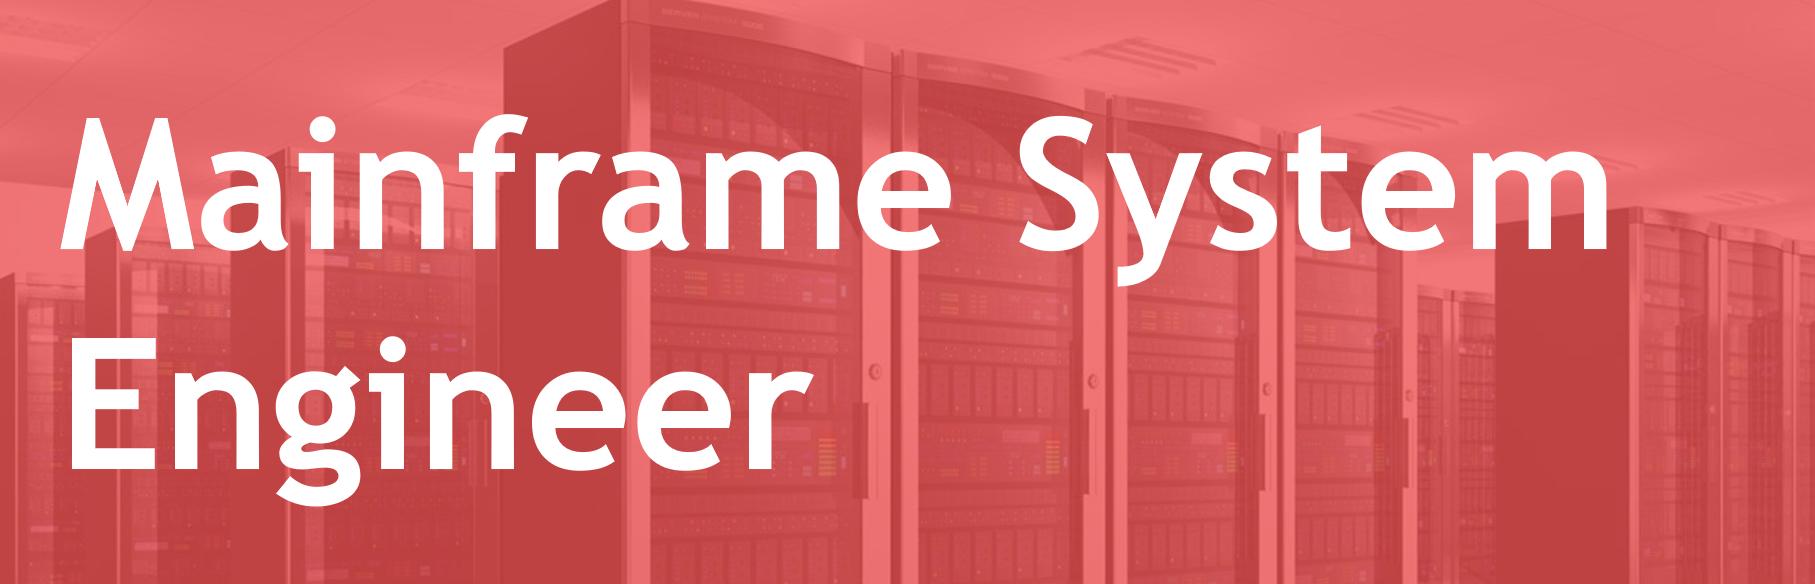 Mainframe System Engineer – FR/EN